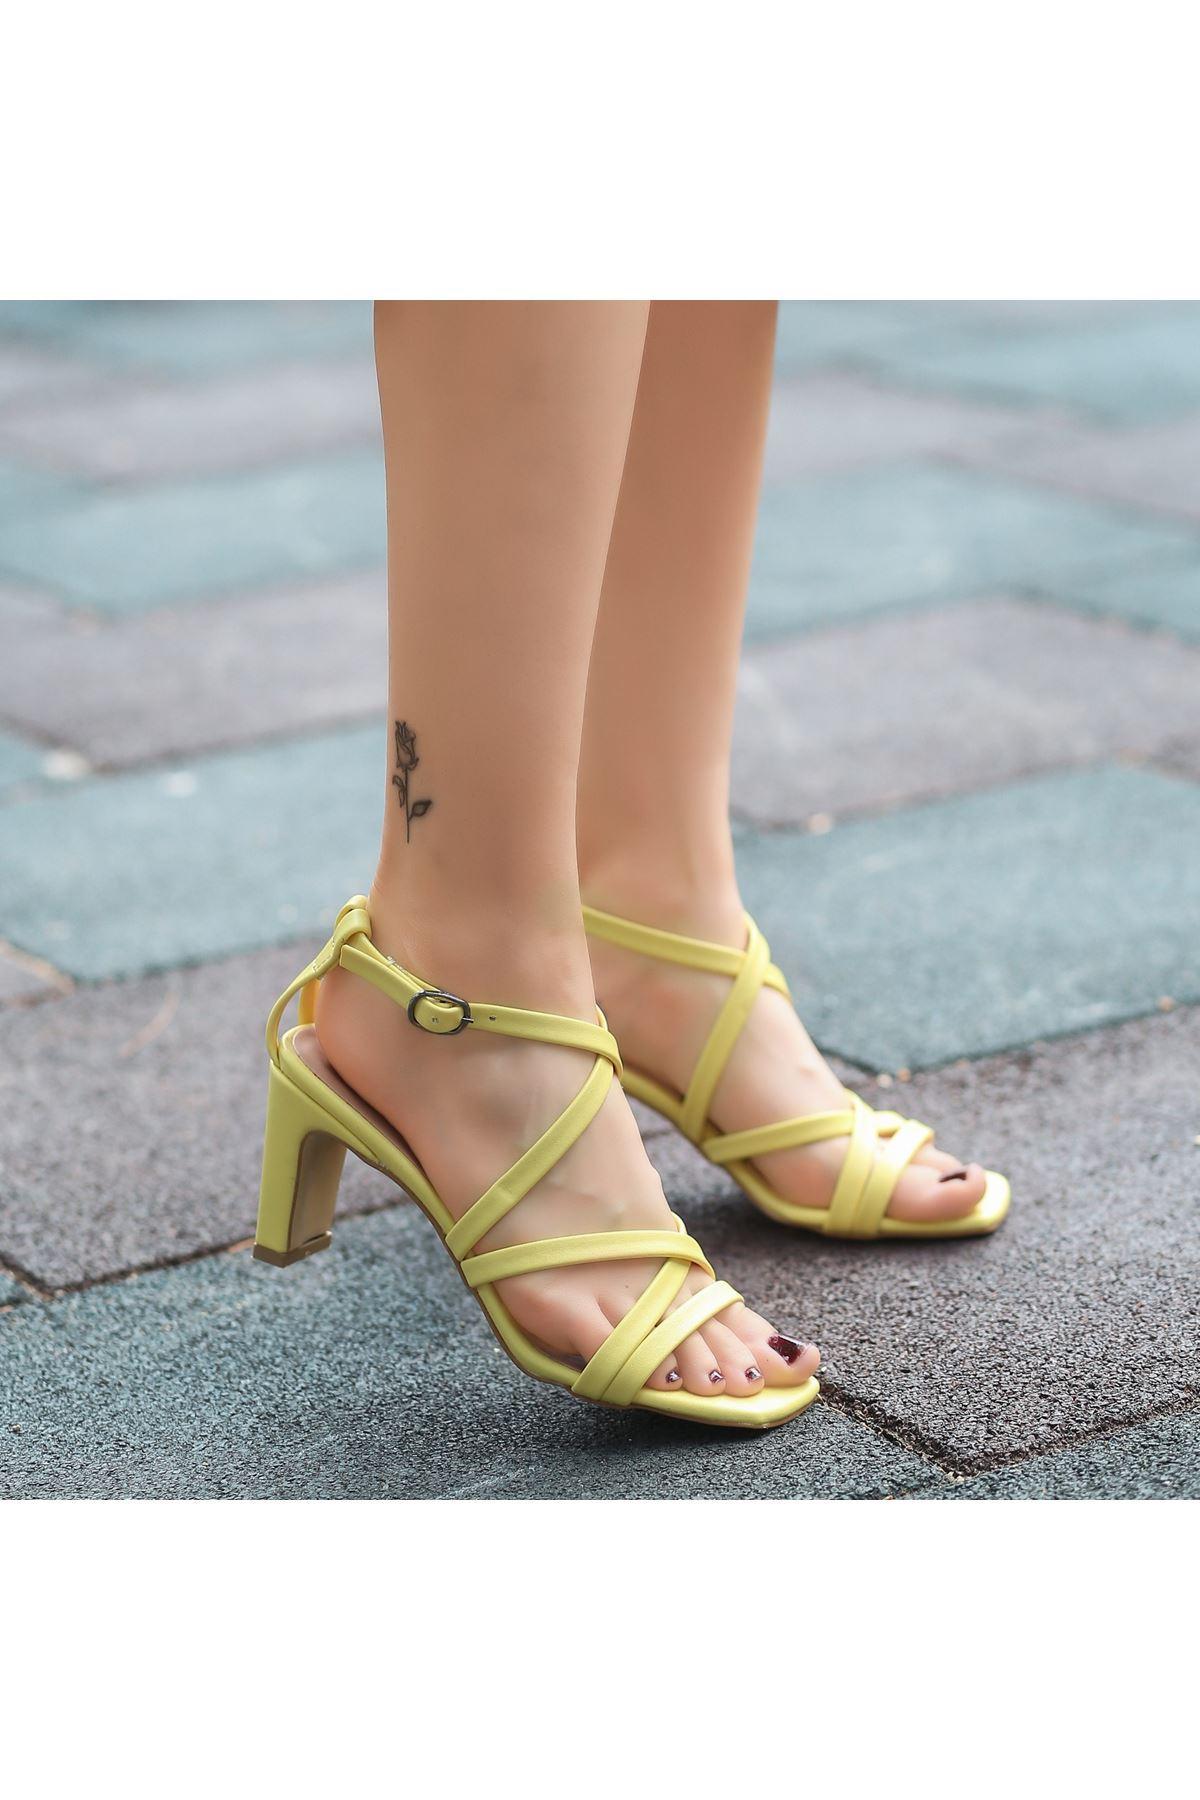 Utic Sarı Cilt Topuklu Ayakkabı